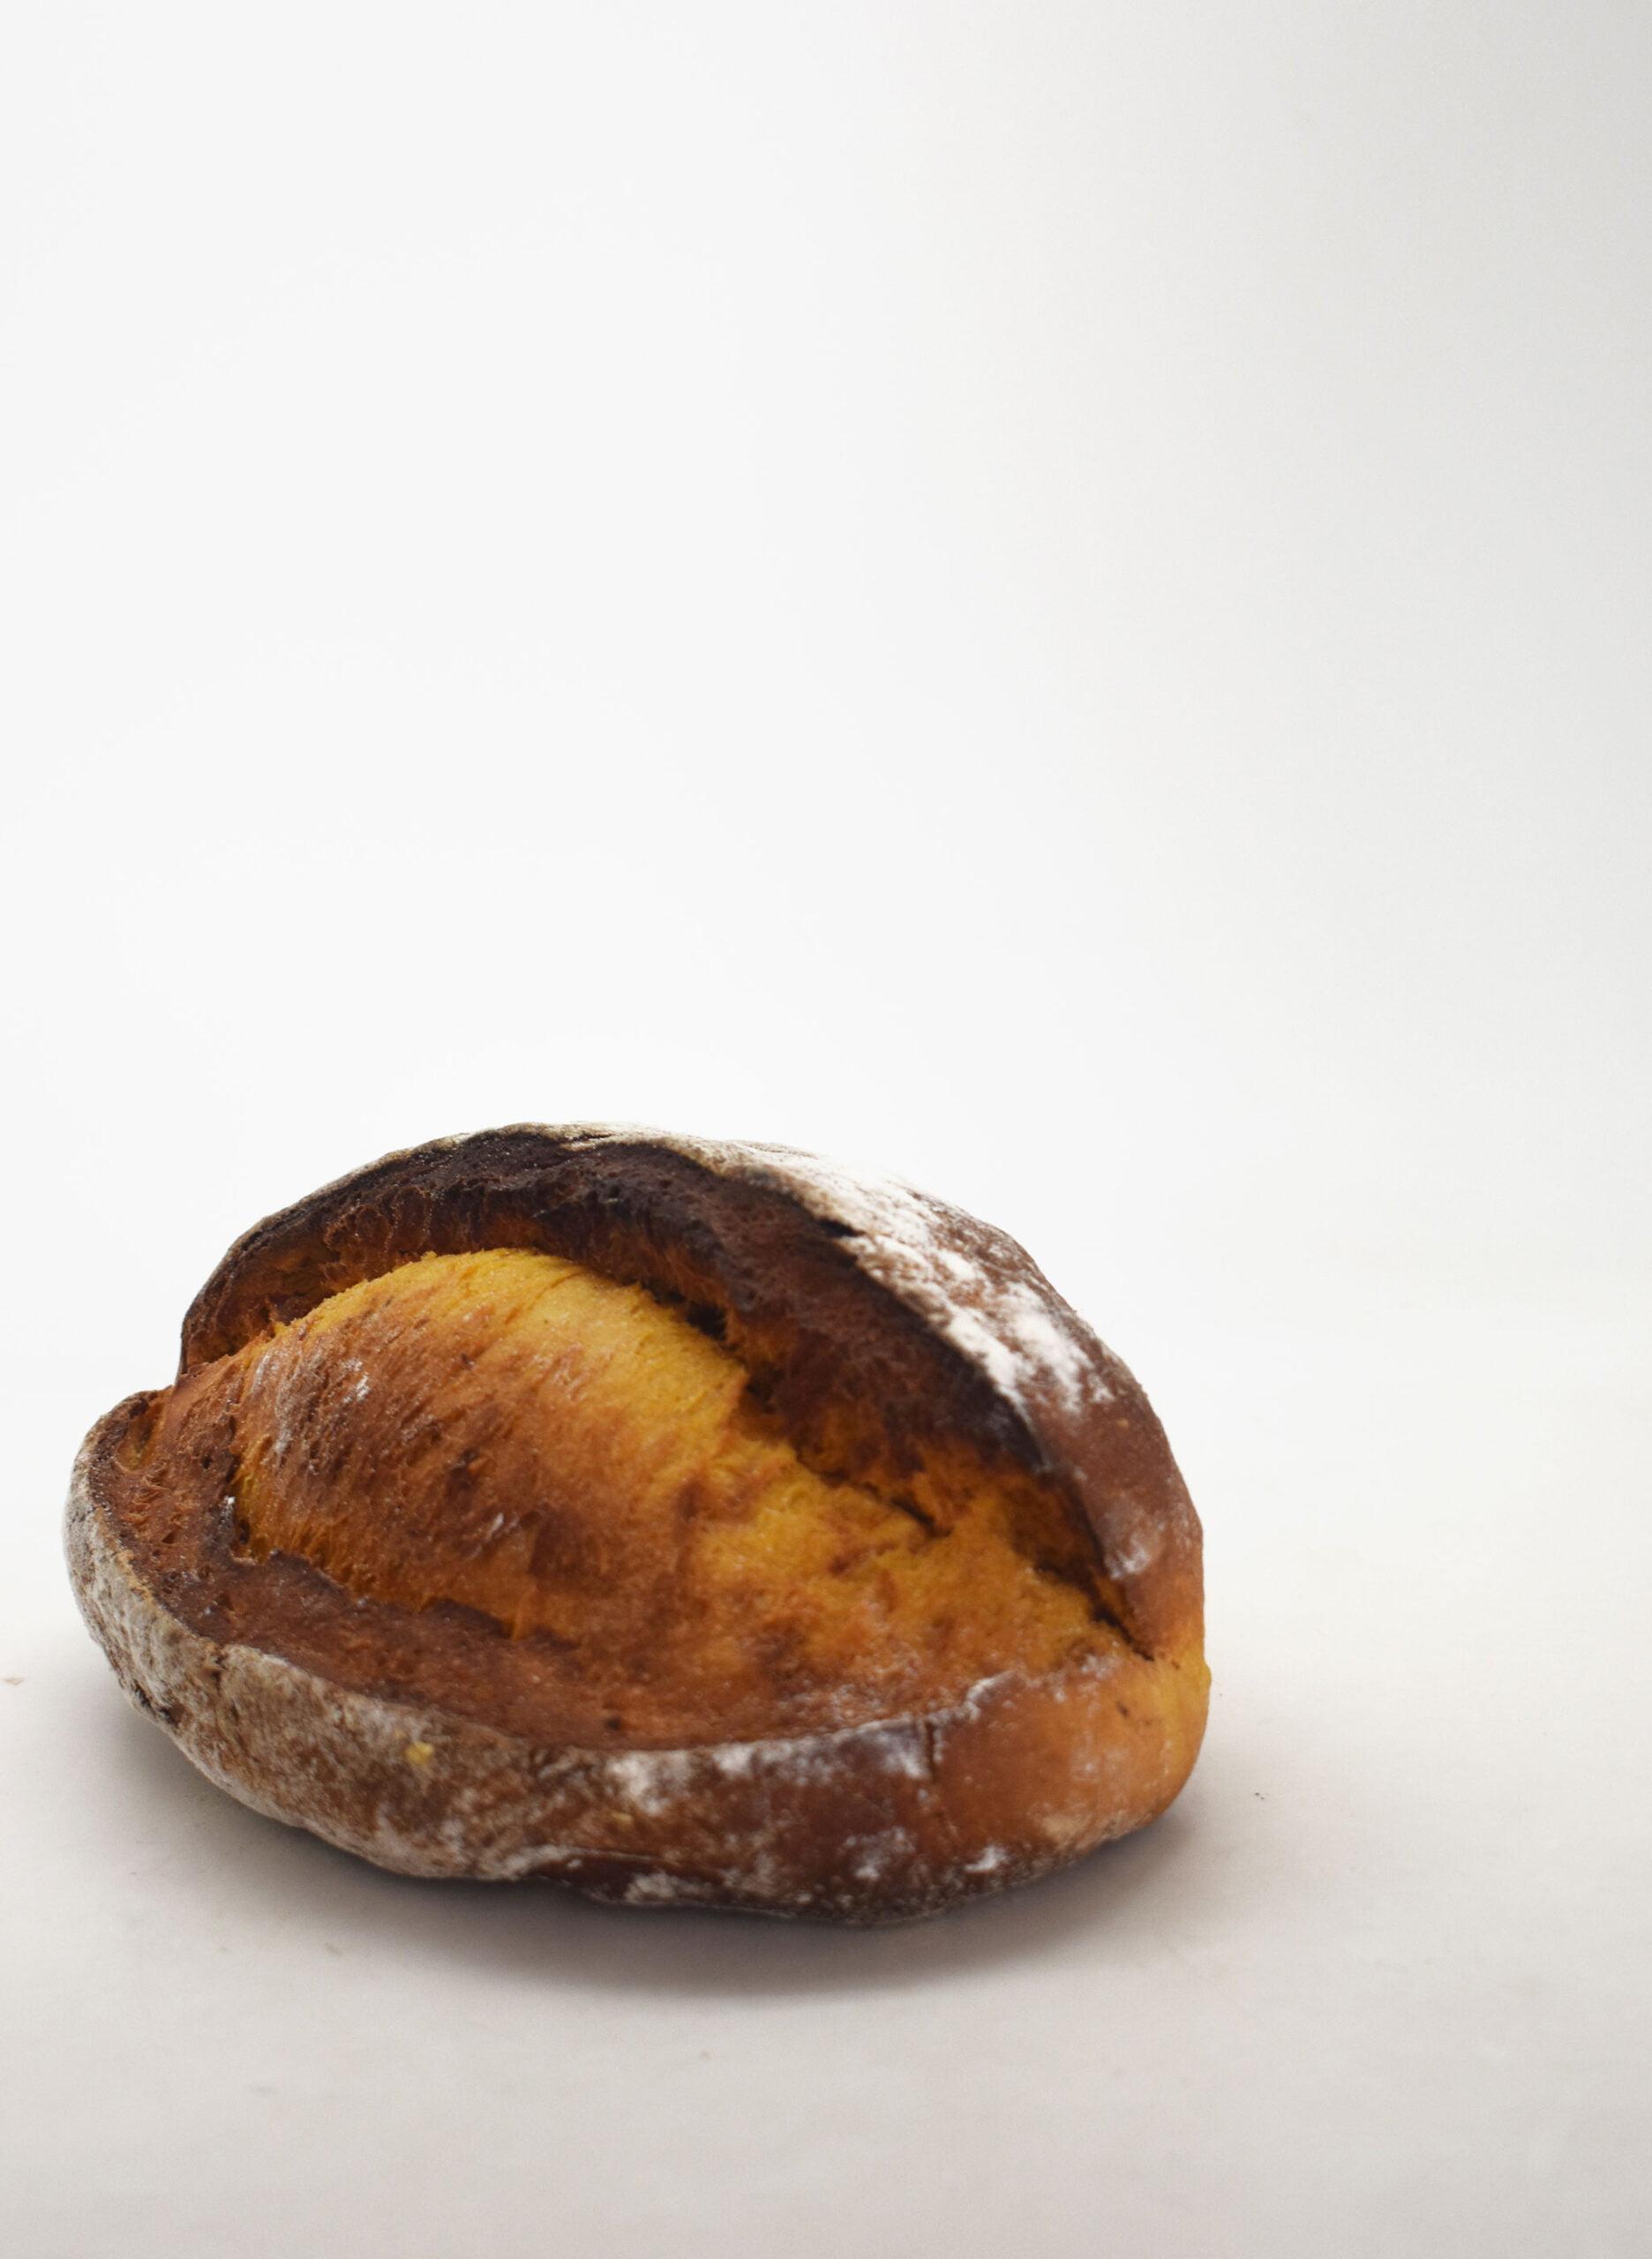 Pan de calabaza en Dénia – Beekery